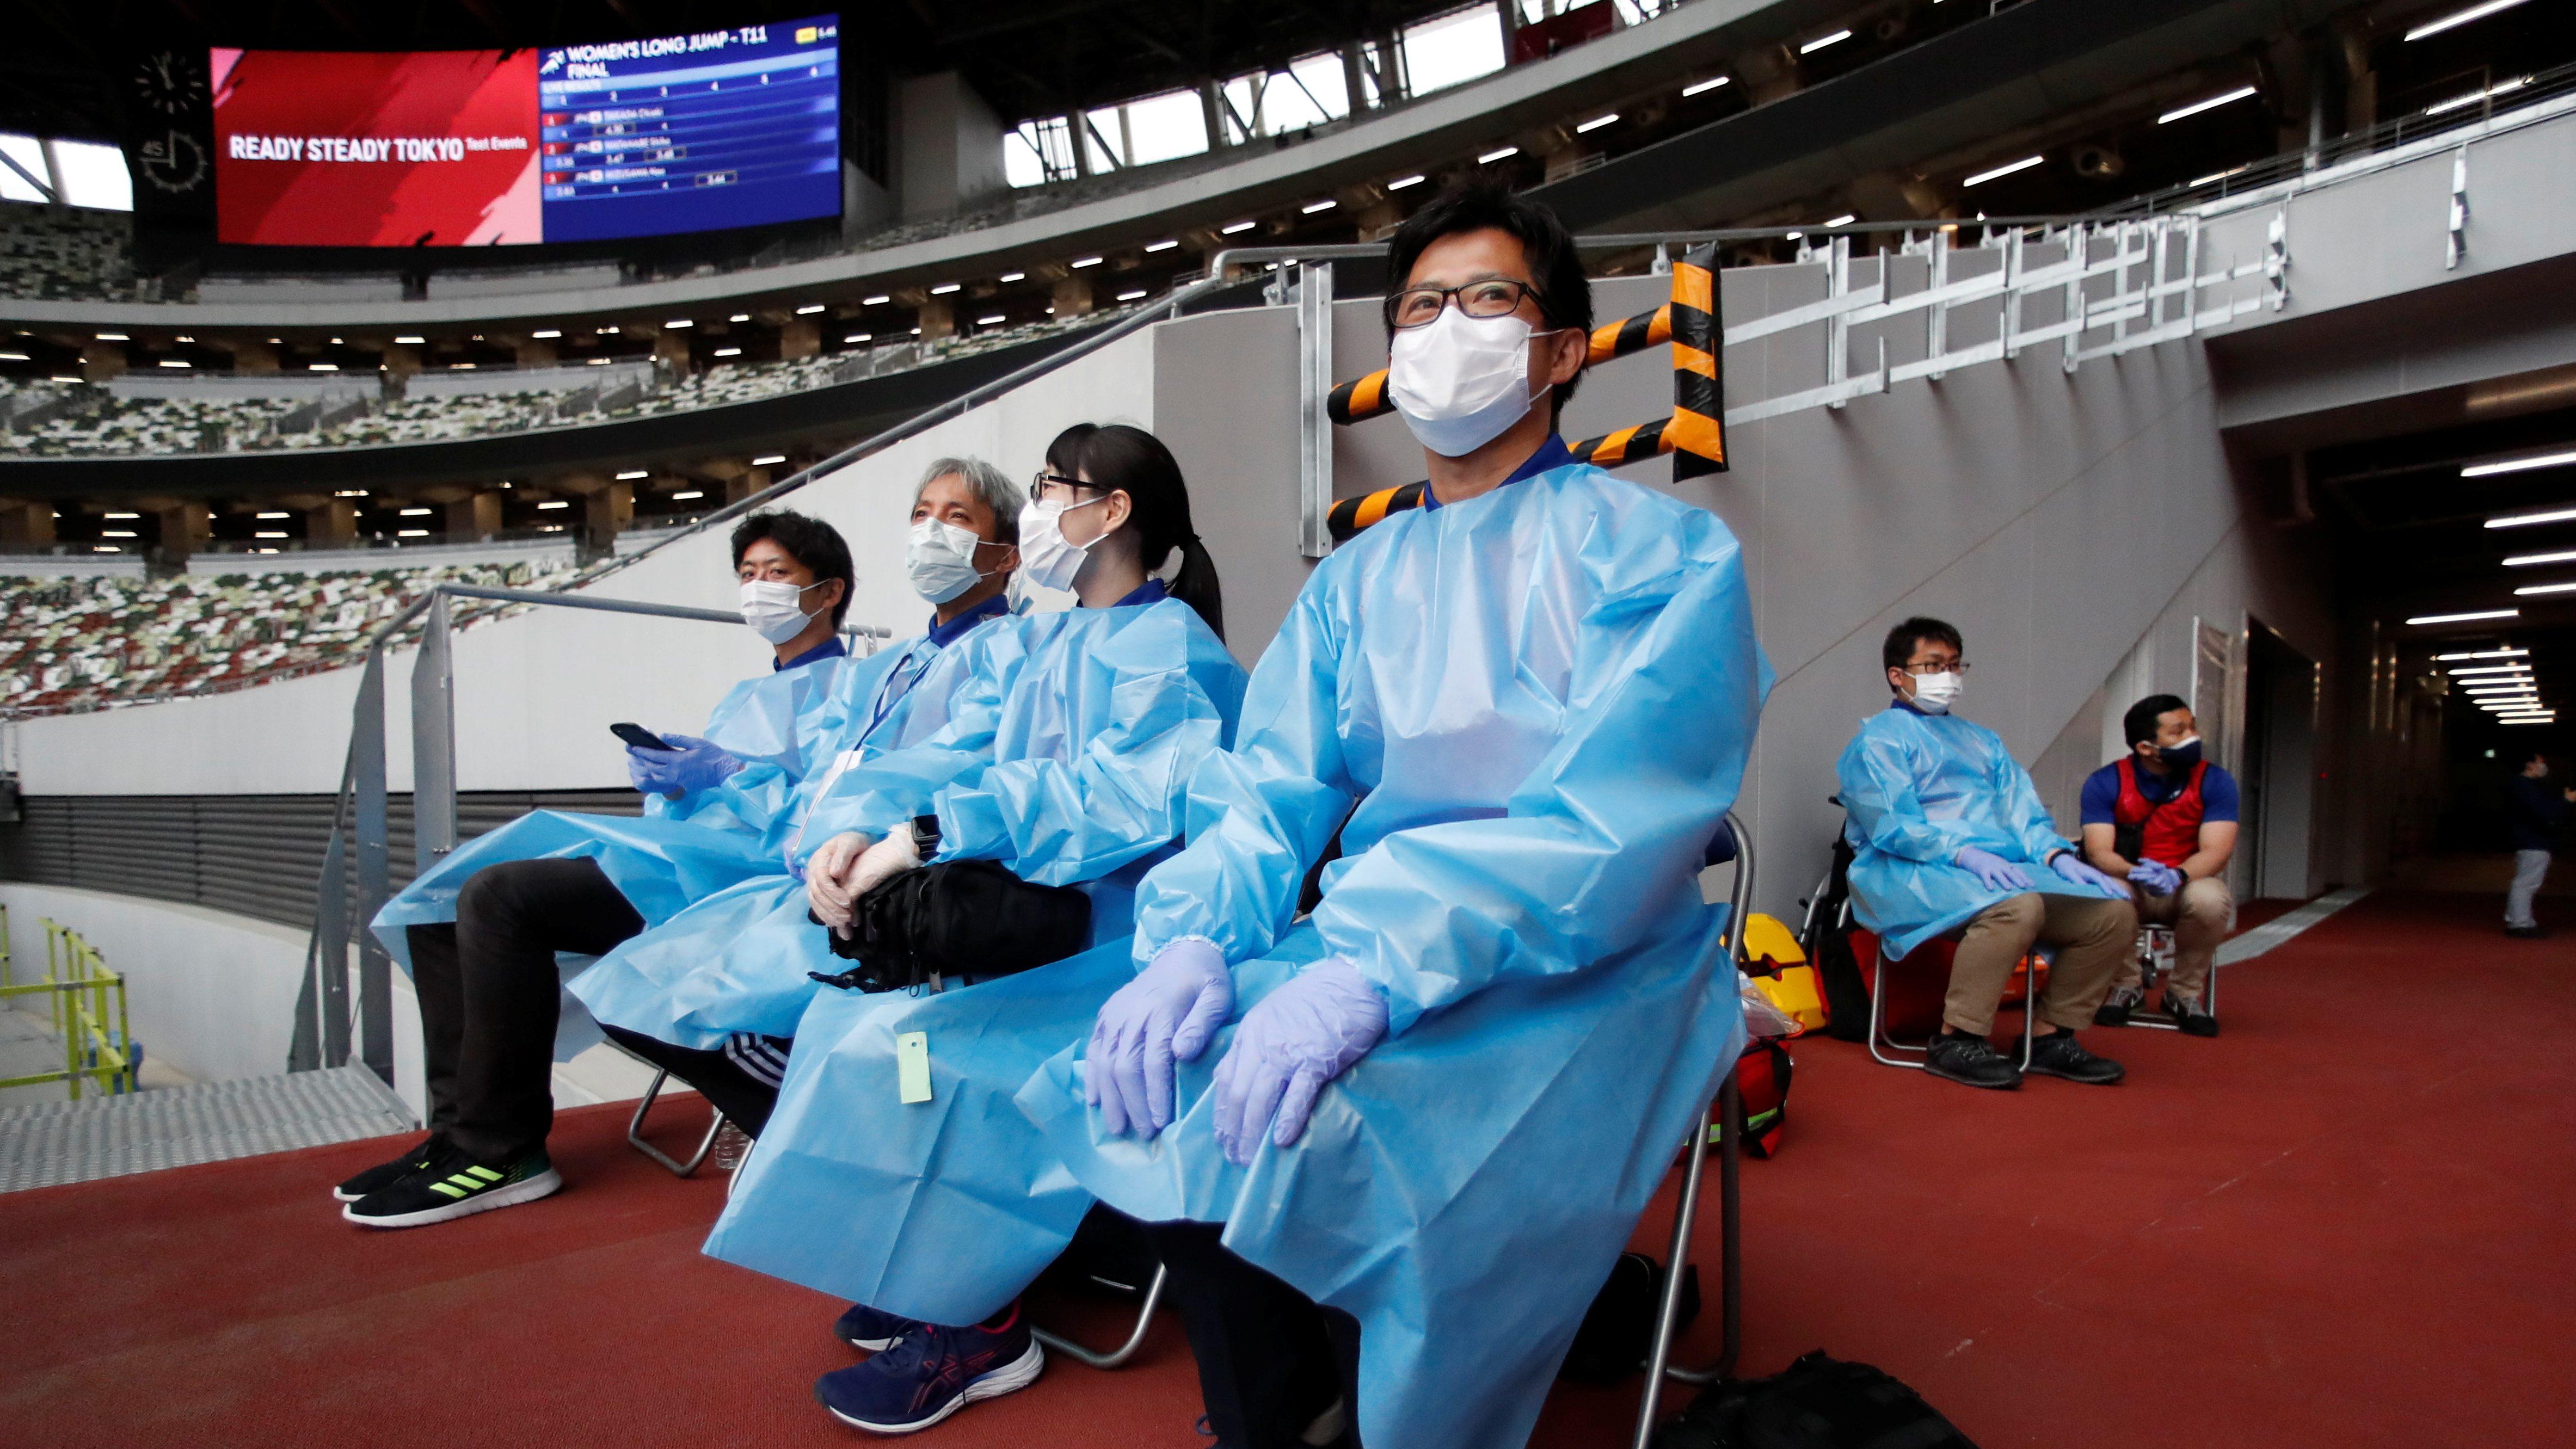 Tokyo 2020 staff members in PPE